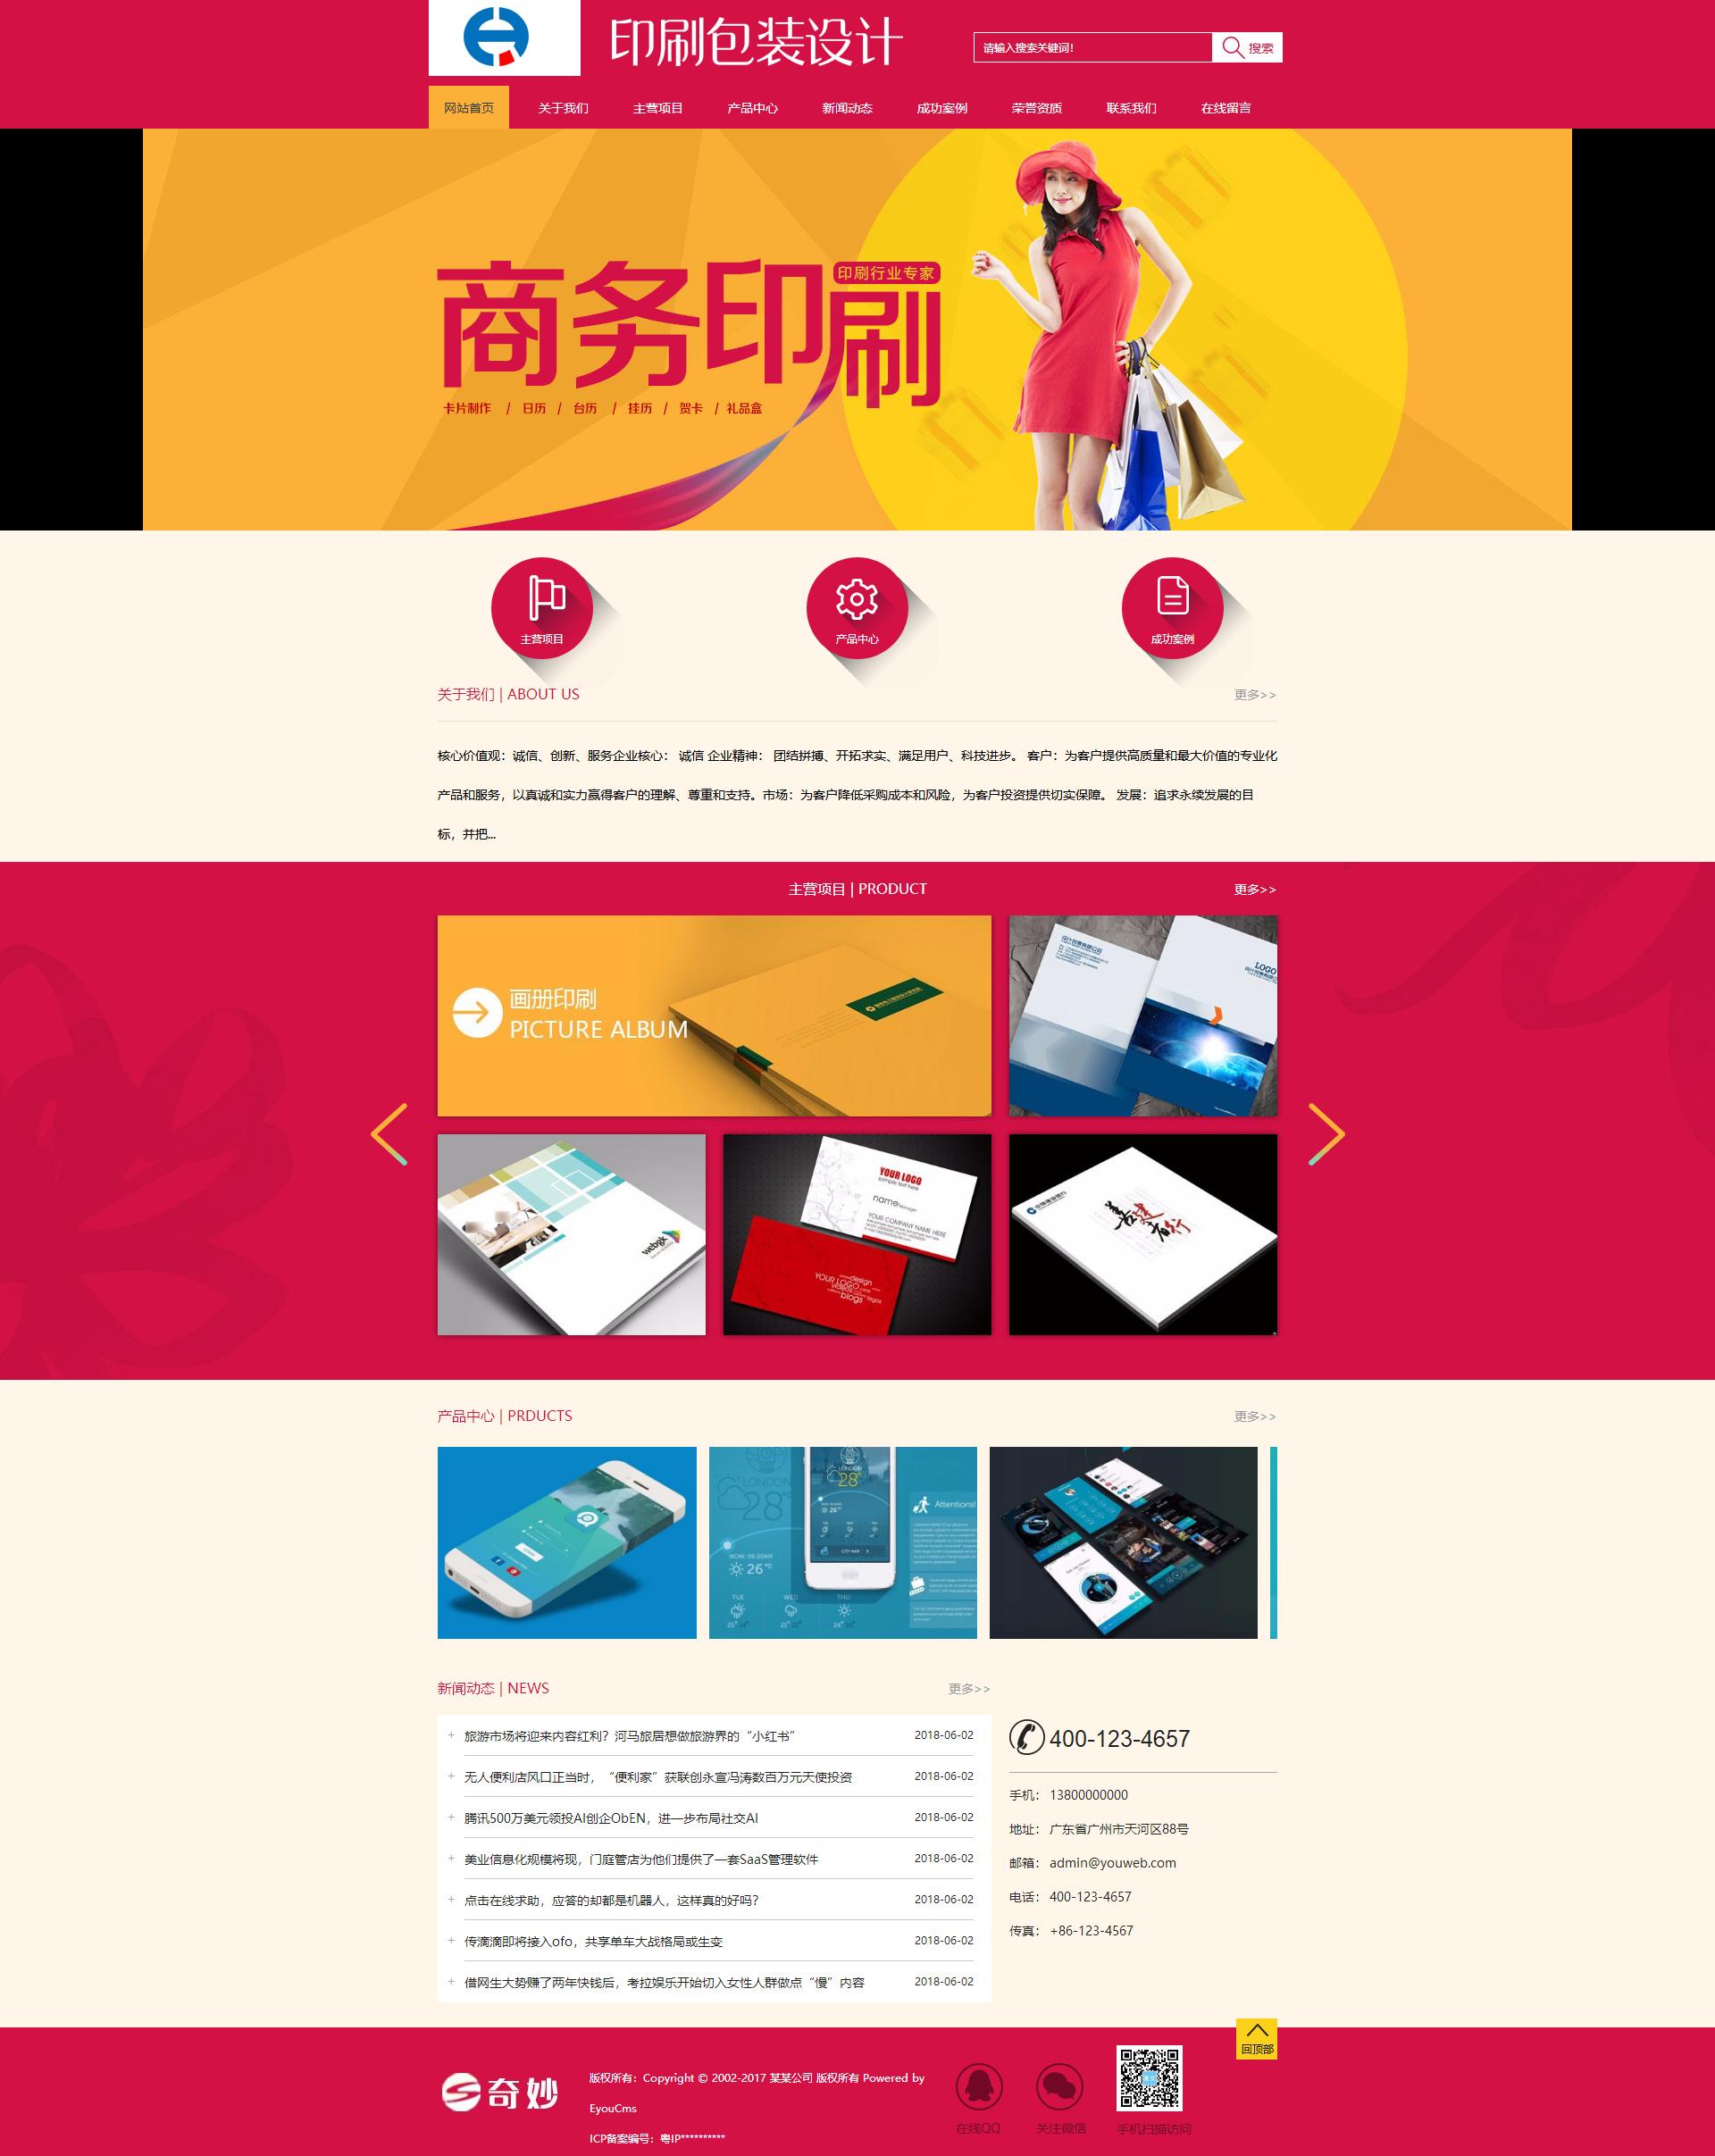 【包装设计企业模板】易优cms商务印刷包装设计公司企业网站源码 PC+手机版[ThinkPHP内核]-找主题源码